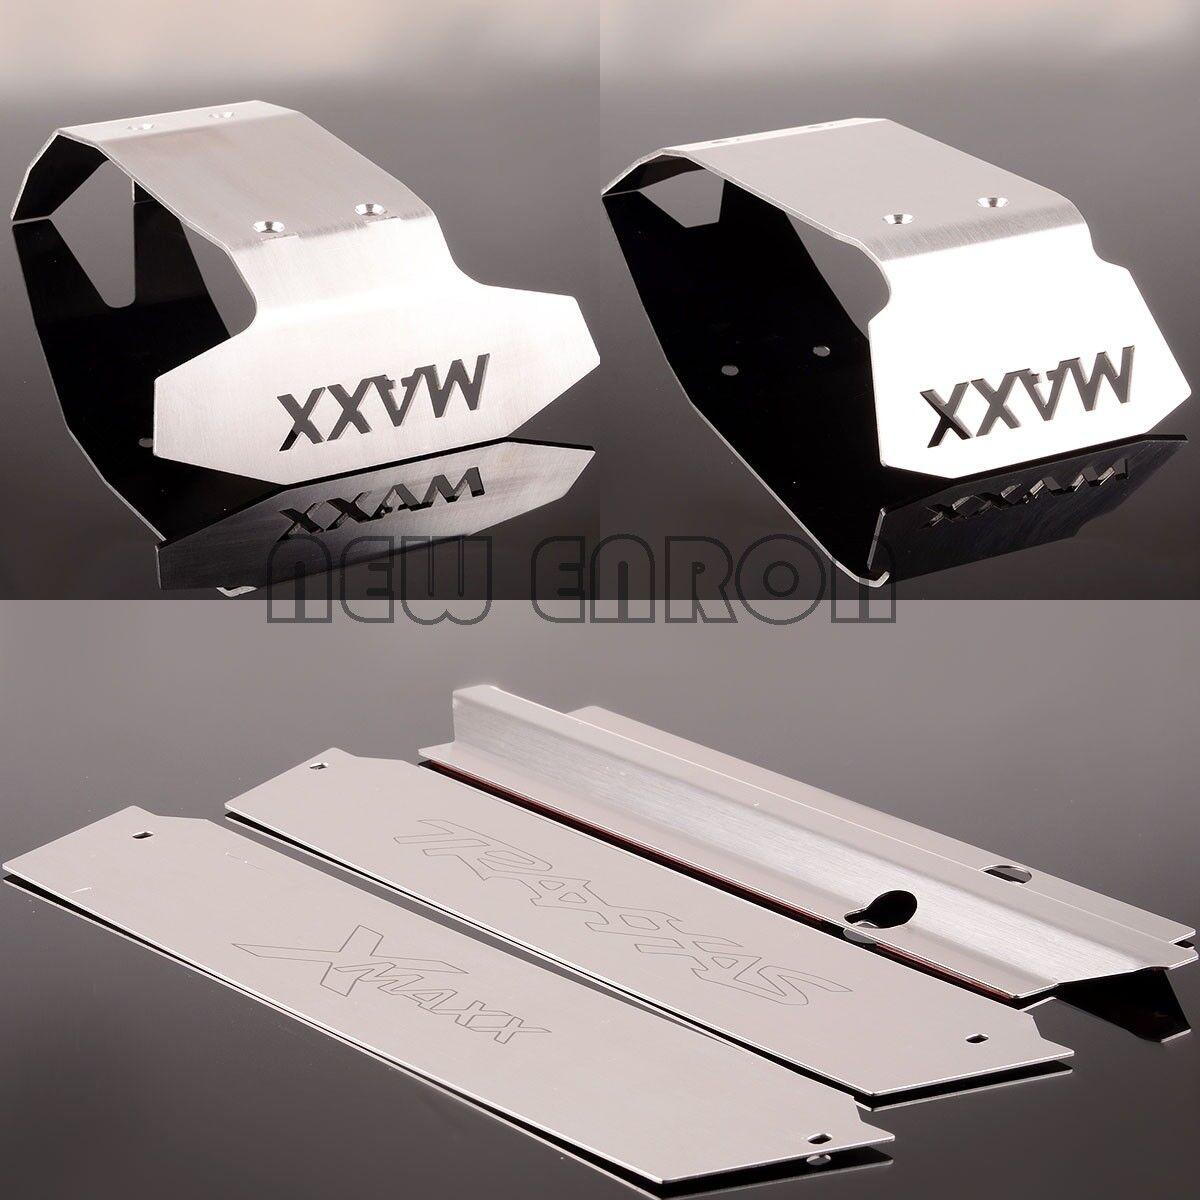 TELAIO in acciaio inox Armor  Anteriore e Posteriore Paramotore 1 5 Traxxas-Maxx XMAXX X  promozioni di sconto